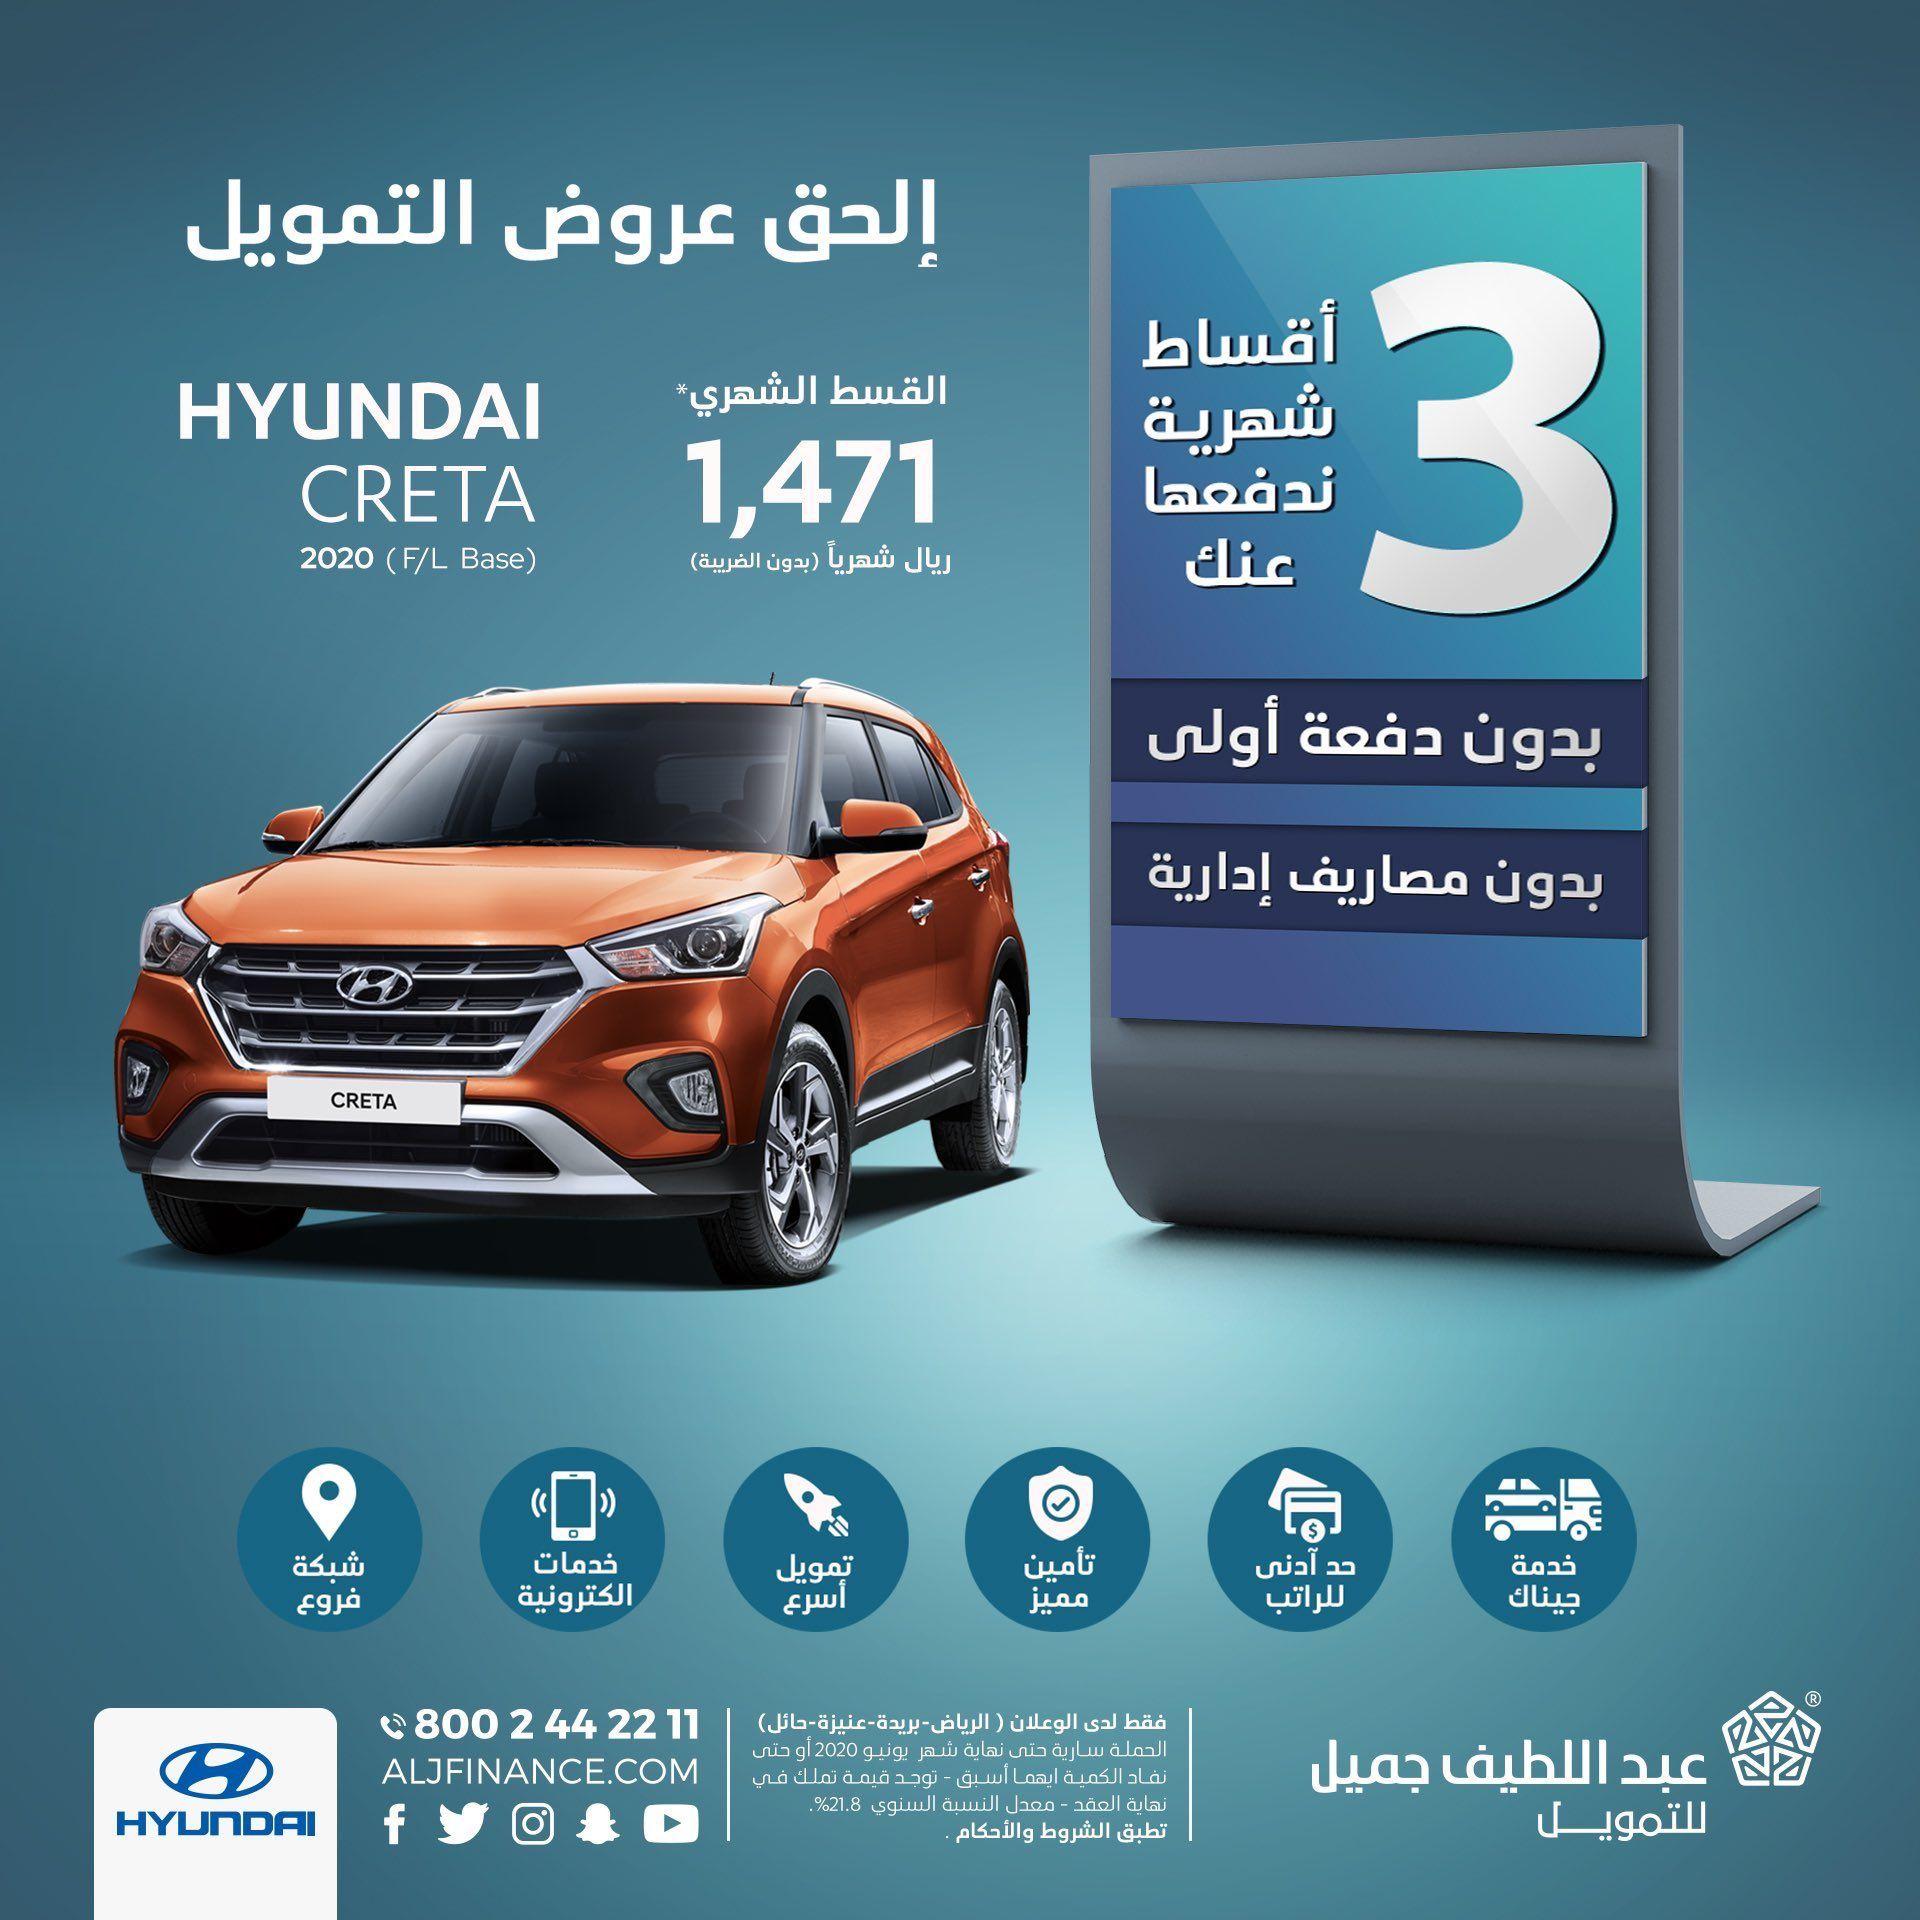 عروض السيارات عروض عبداللطيف جميل علي سيارات هيونداي 2020 عروض اليوم In 2020 Toy Car Hyundai Car